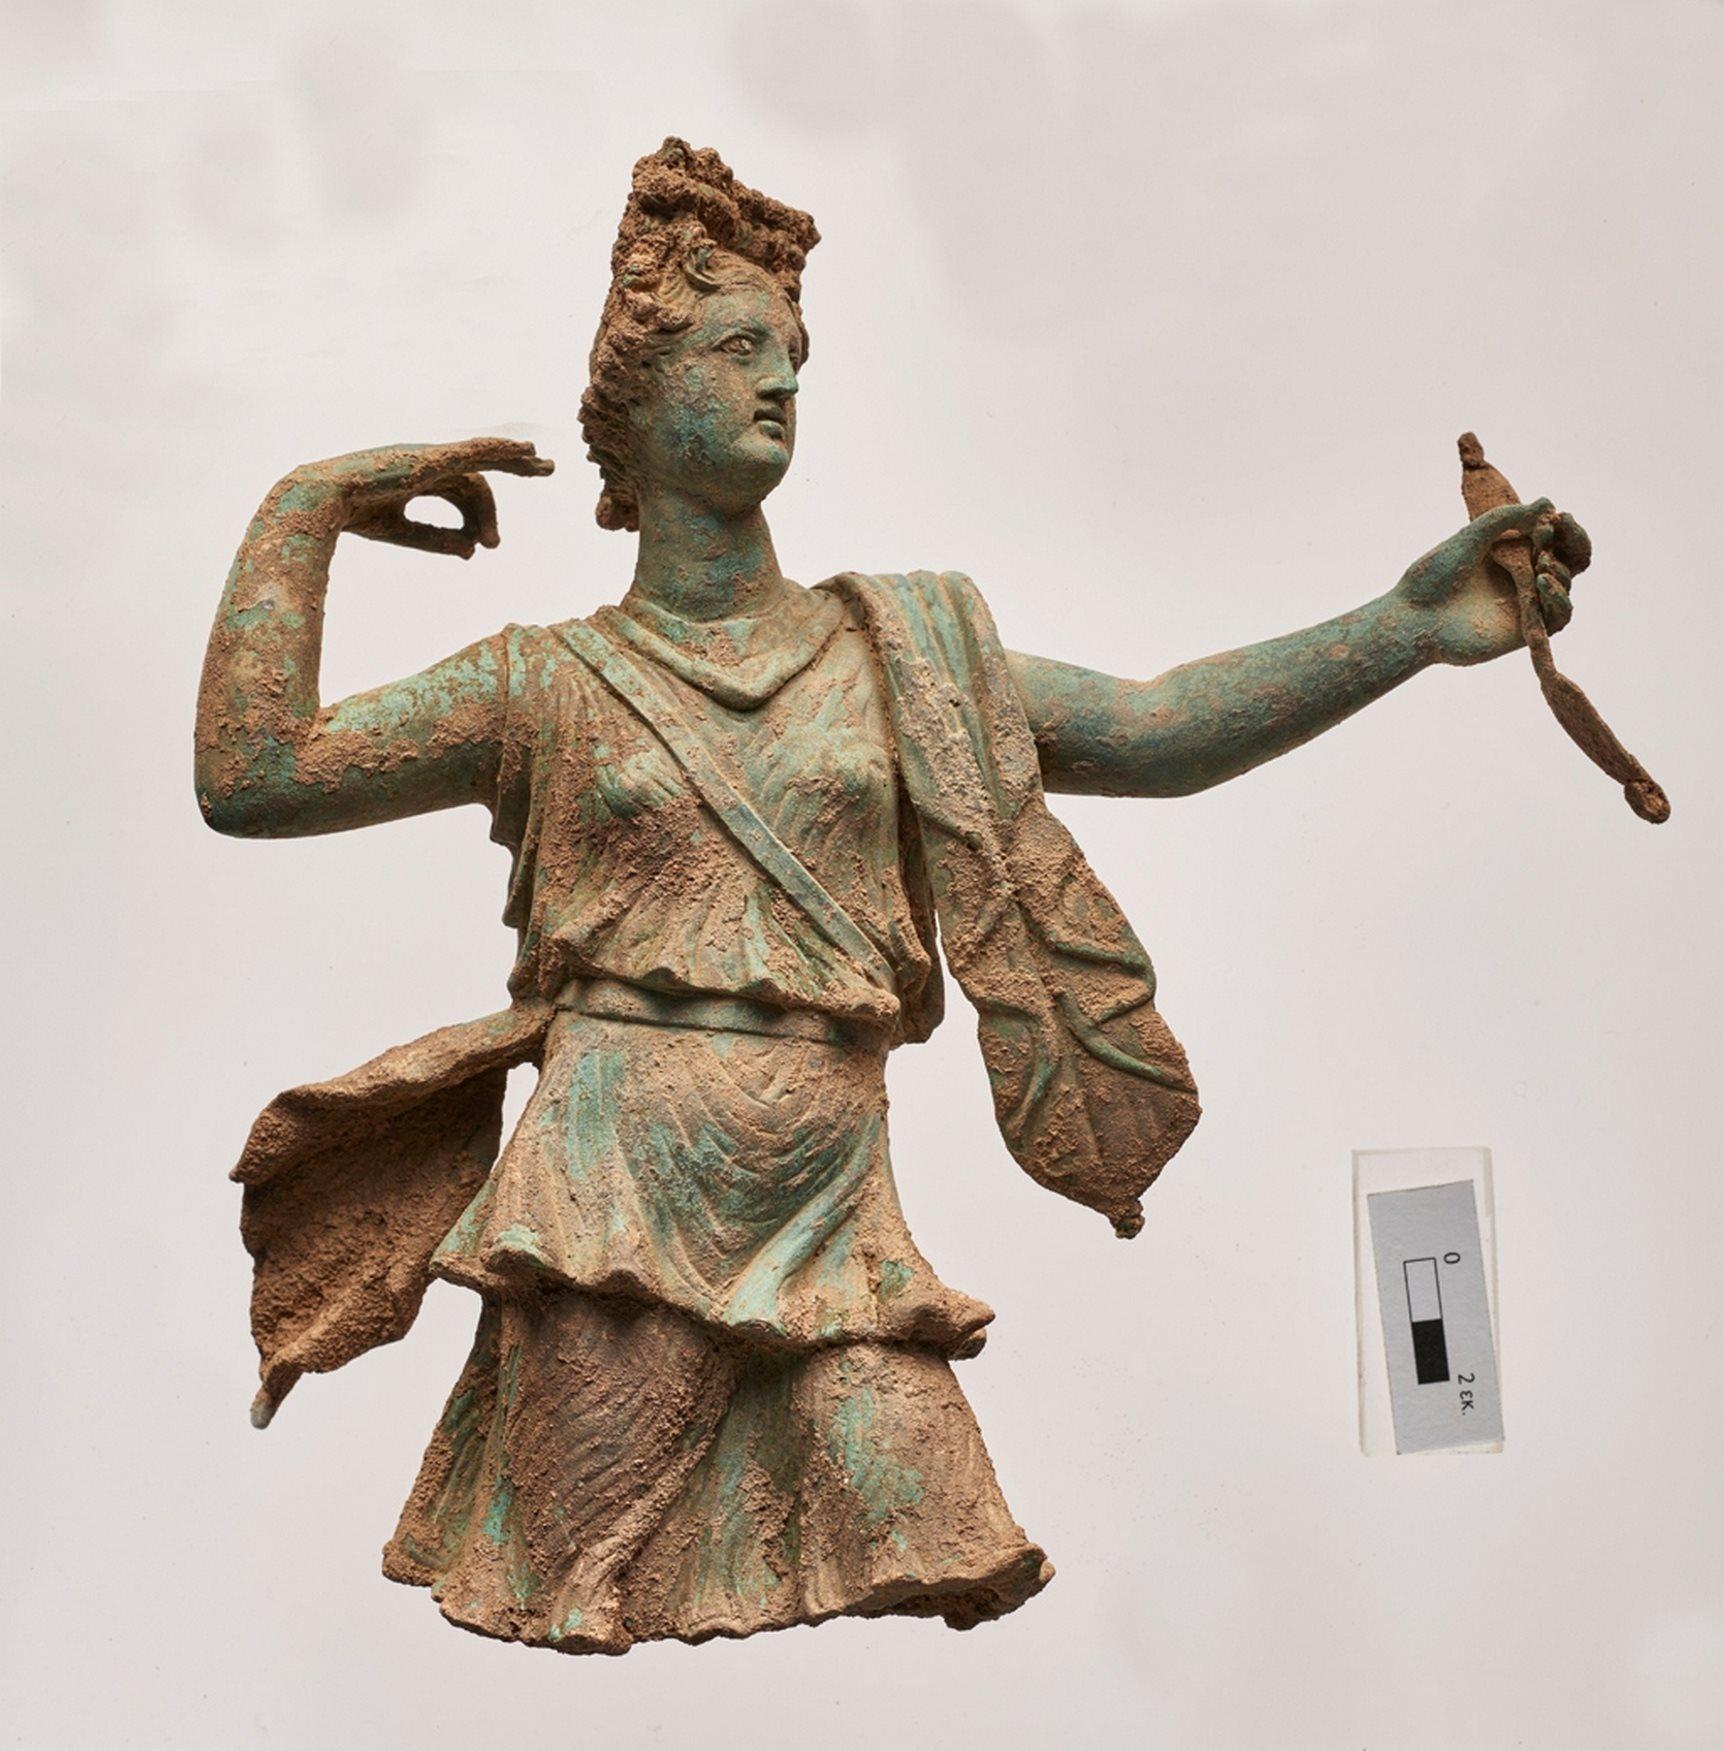 3320be980b95 Encuentran una estatua de Artemisa y otra de Apolo en la isla de Creta